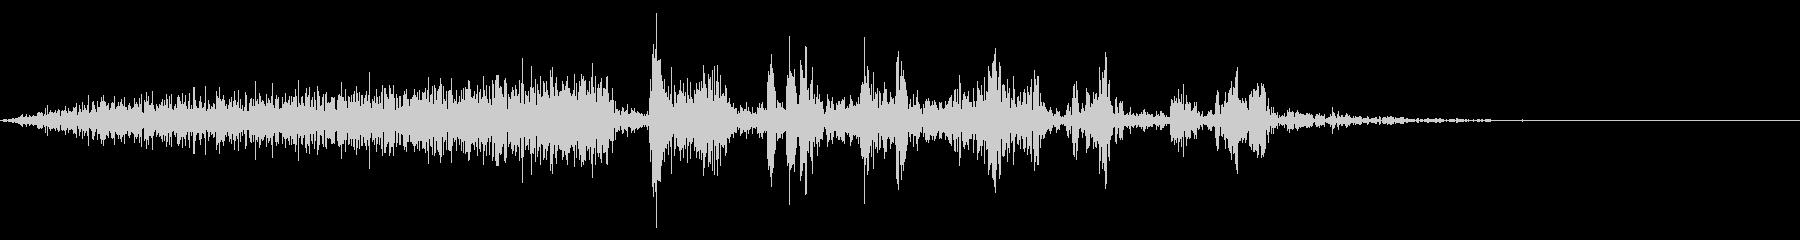 【生録音】本のページをめくる音 17の未再生の波形